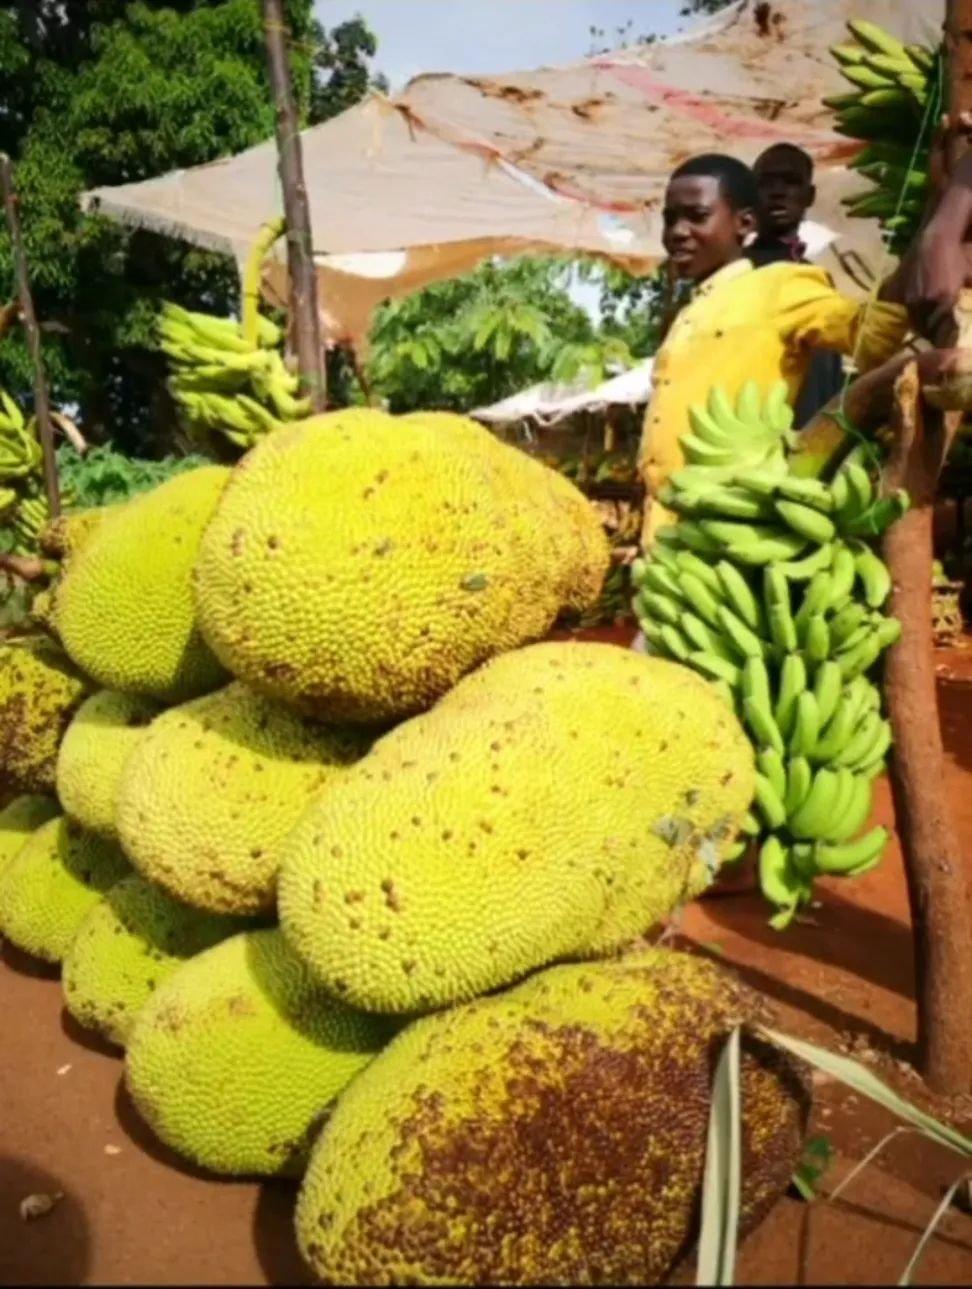 当地食品有多便宜?王科曾花1美元,买了个照片中的硕大菠萝蜜,一行5、6个人吃了好几天